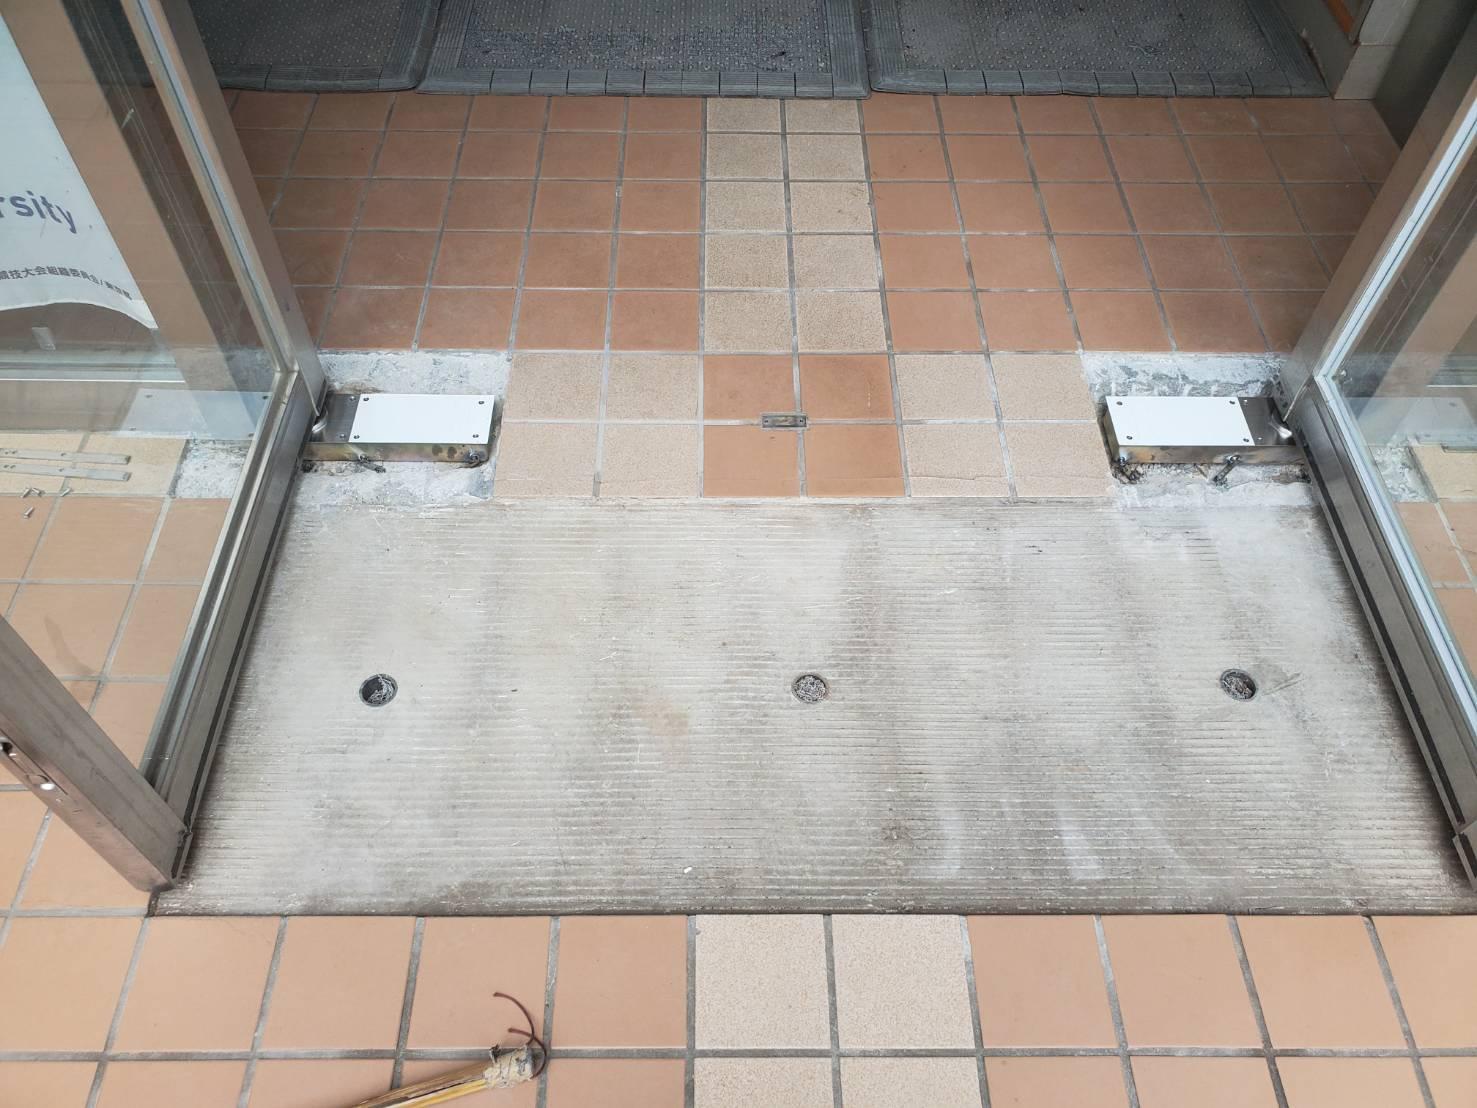 ステンレス製建具のフロアヒンジ交換と扉ねじれ修正|東京都品川区内某学校法人